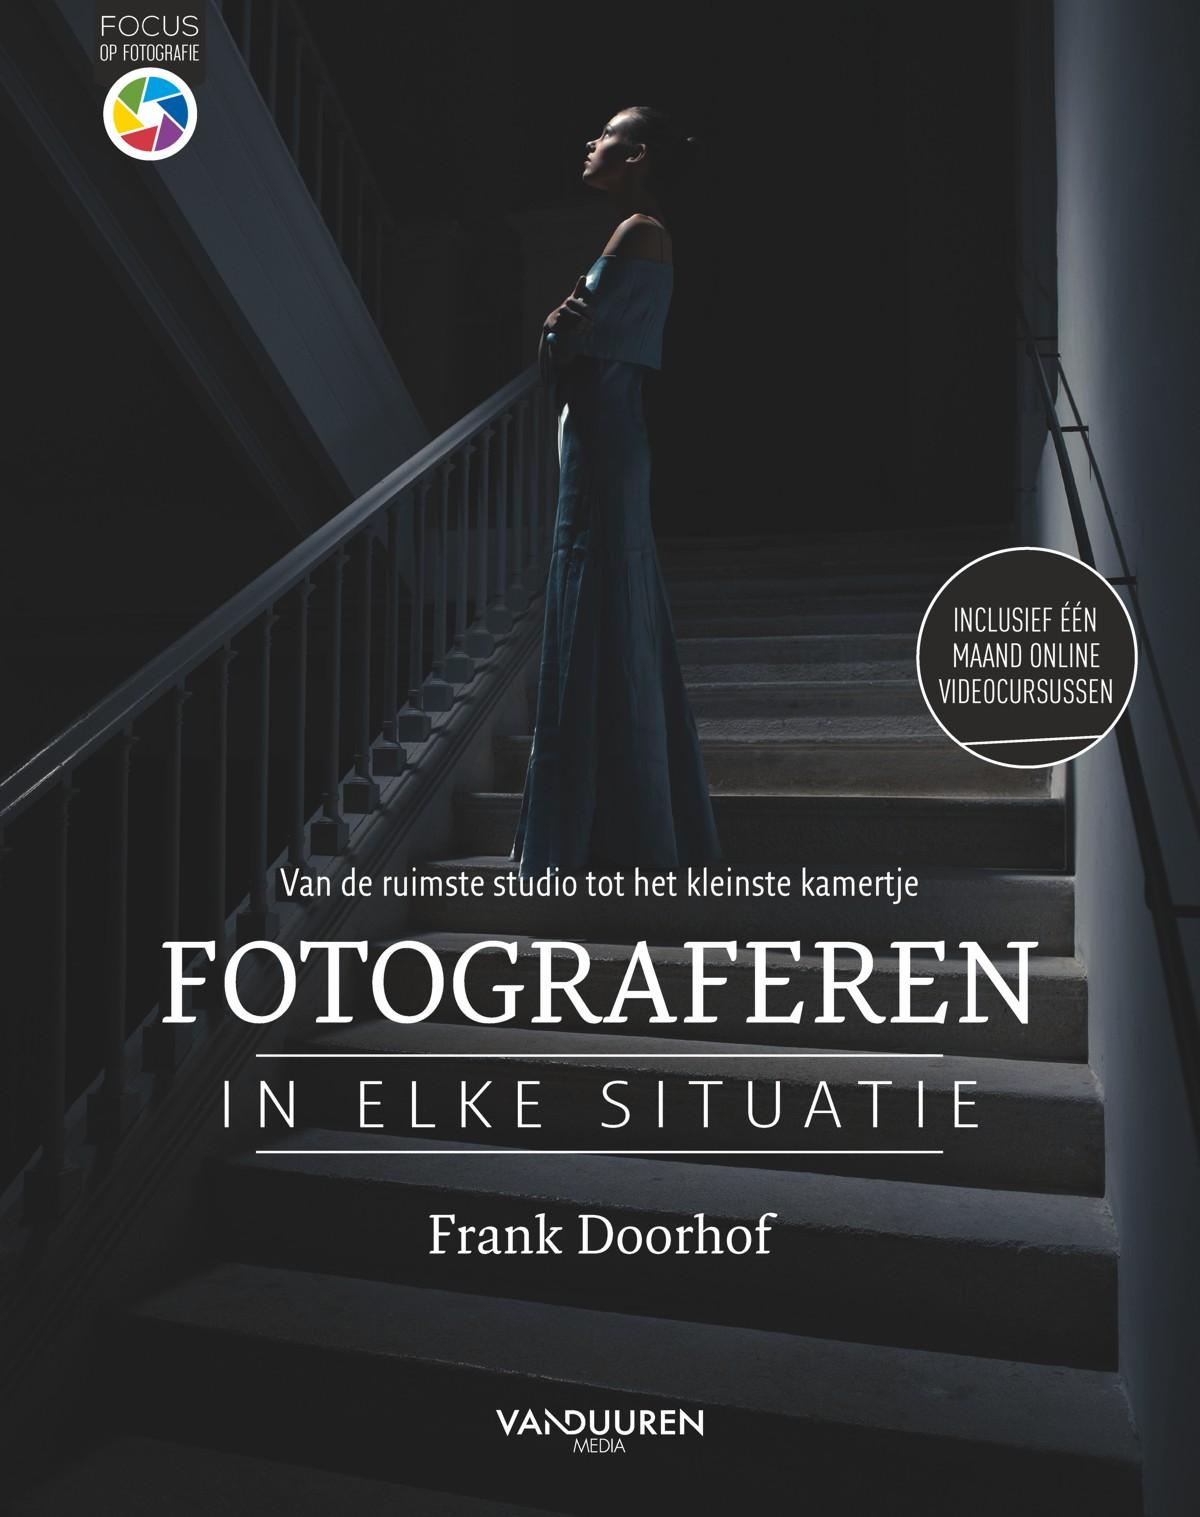 Focus op fotografie - Fotograferen in elke situatie - Frank Doorhof, isbn 9789463561105